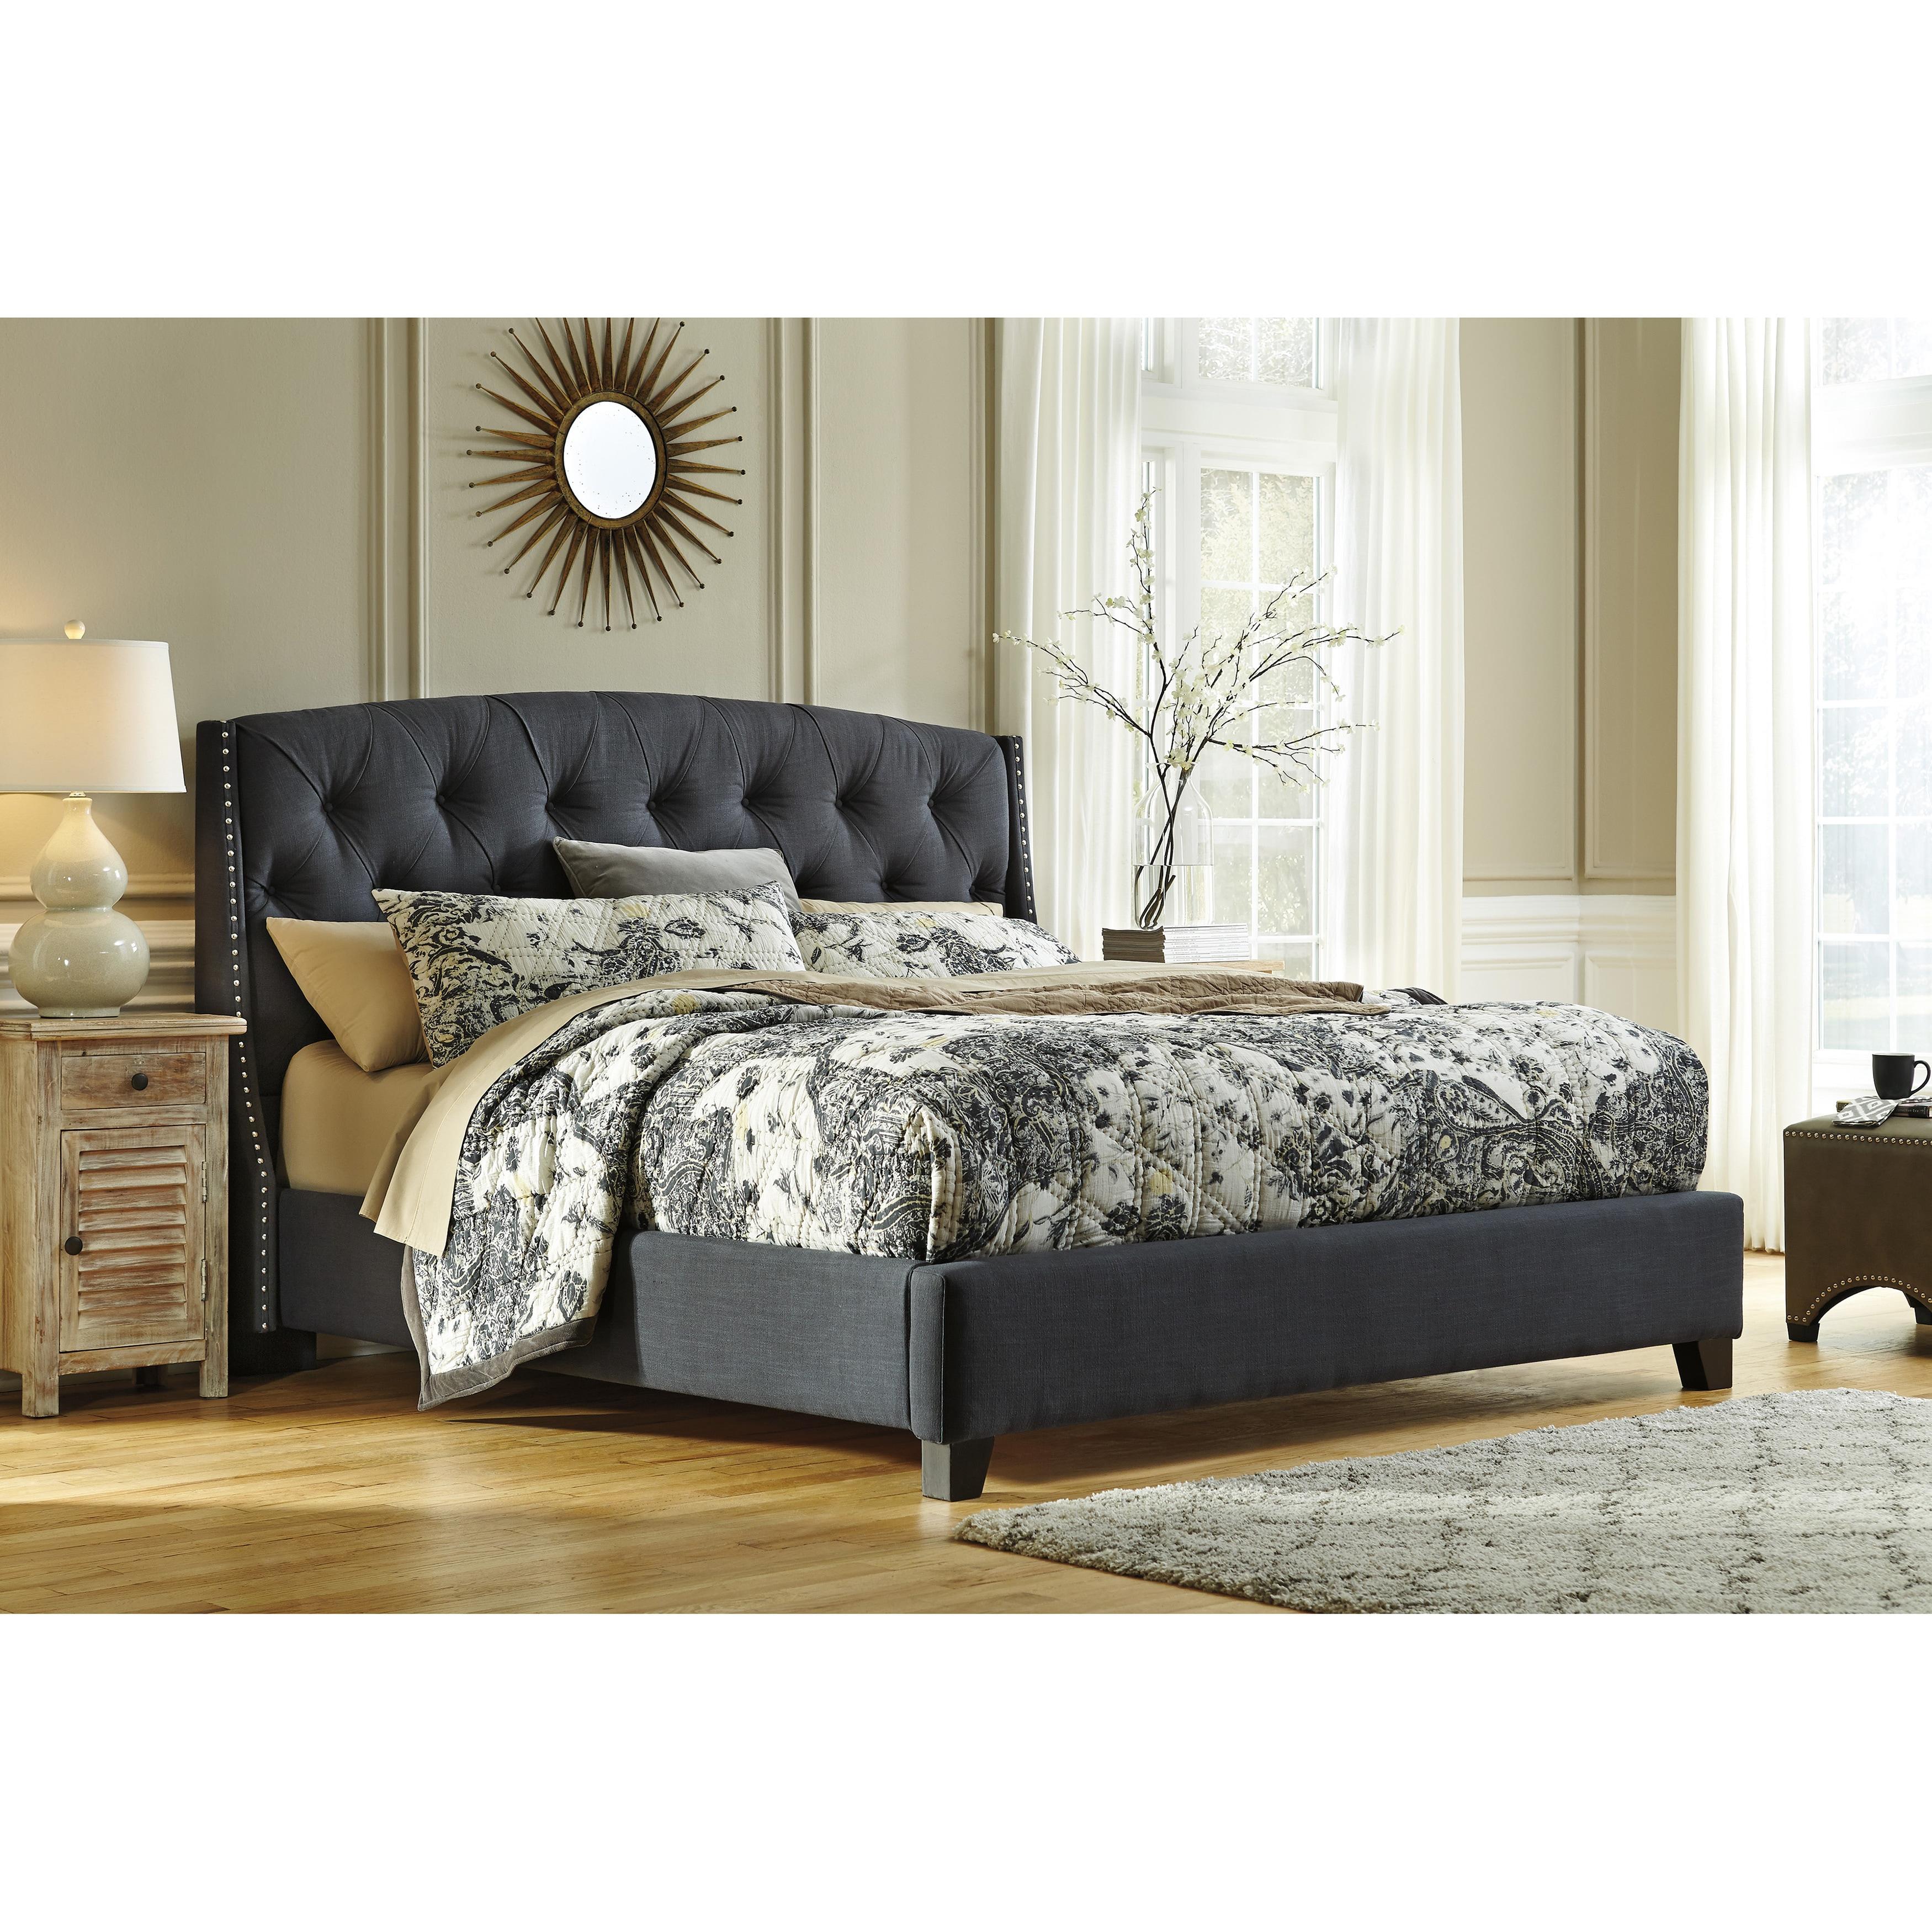 Ashley Kisidon Grey Upholstered Bed (King)